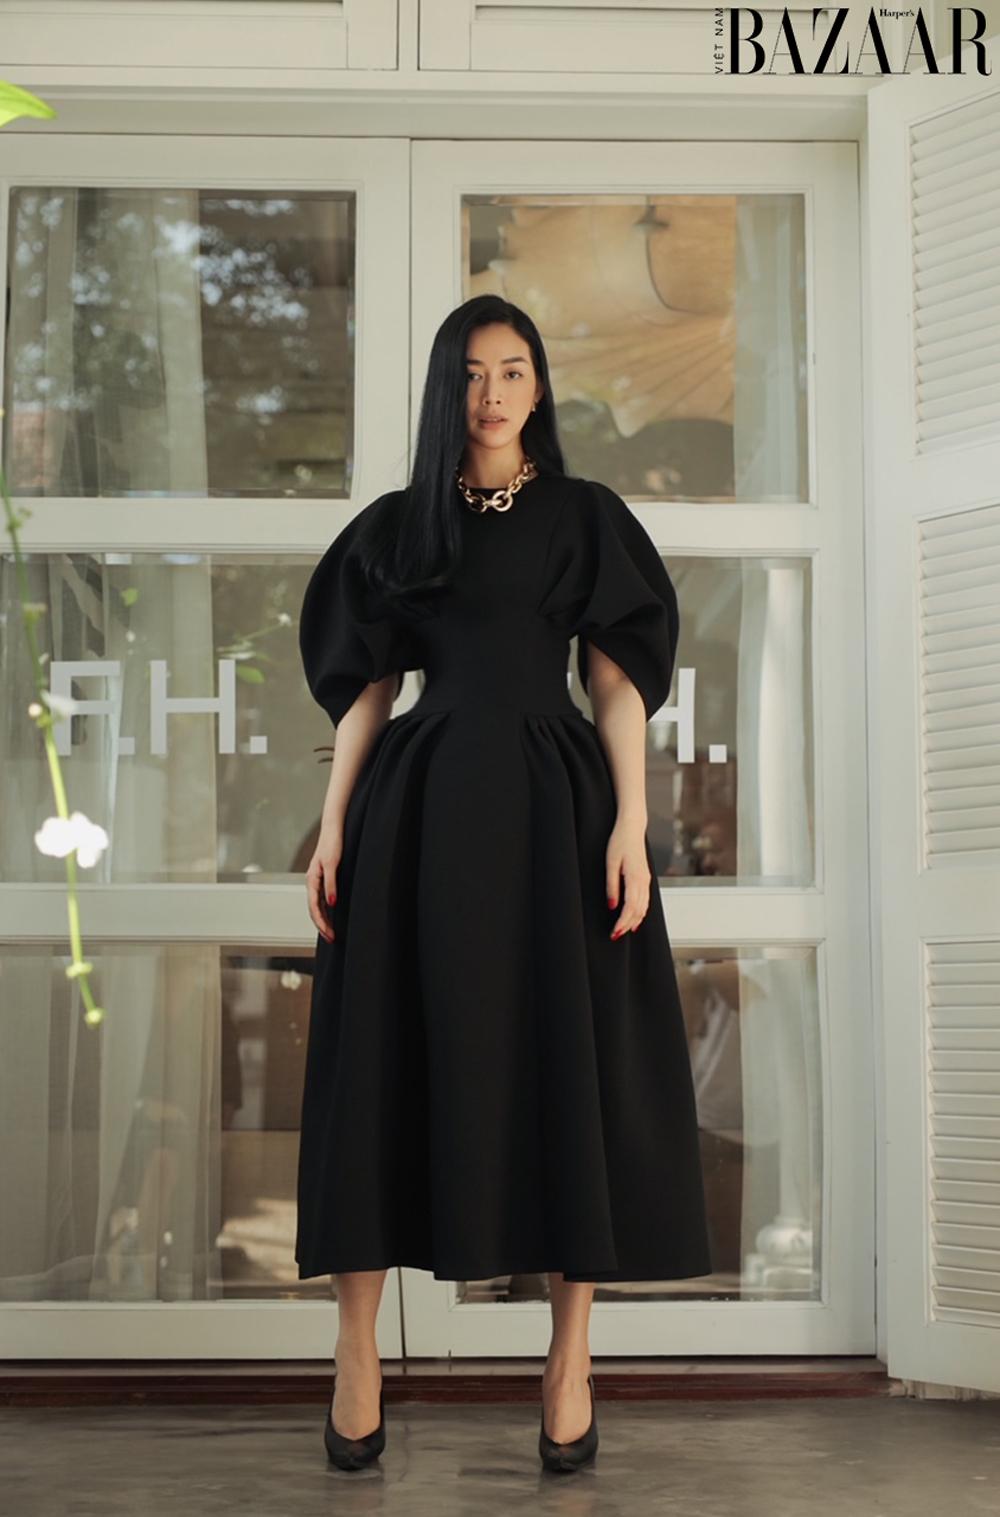 Mai Thanh Hà khoe eo thon trong đầm LBD, tiết lộ bí quyết giữ dáng 3